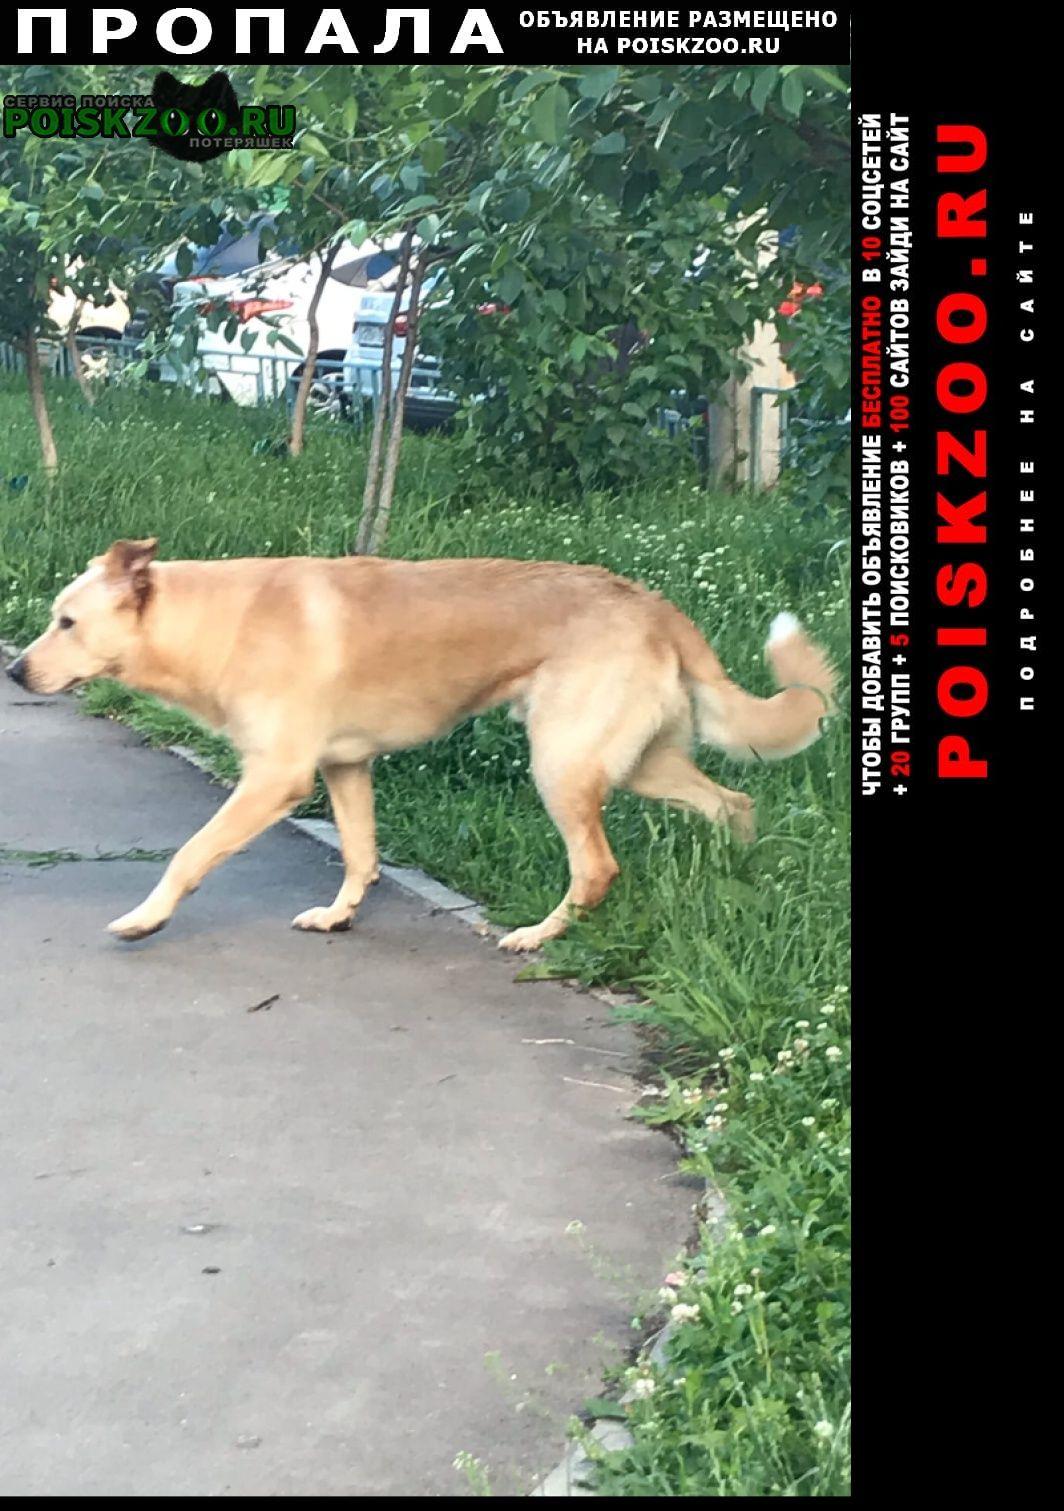 Пропала собака передвигается быстро в поиске дома. Москва